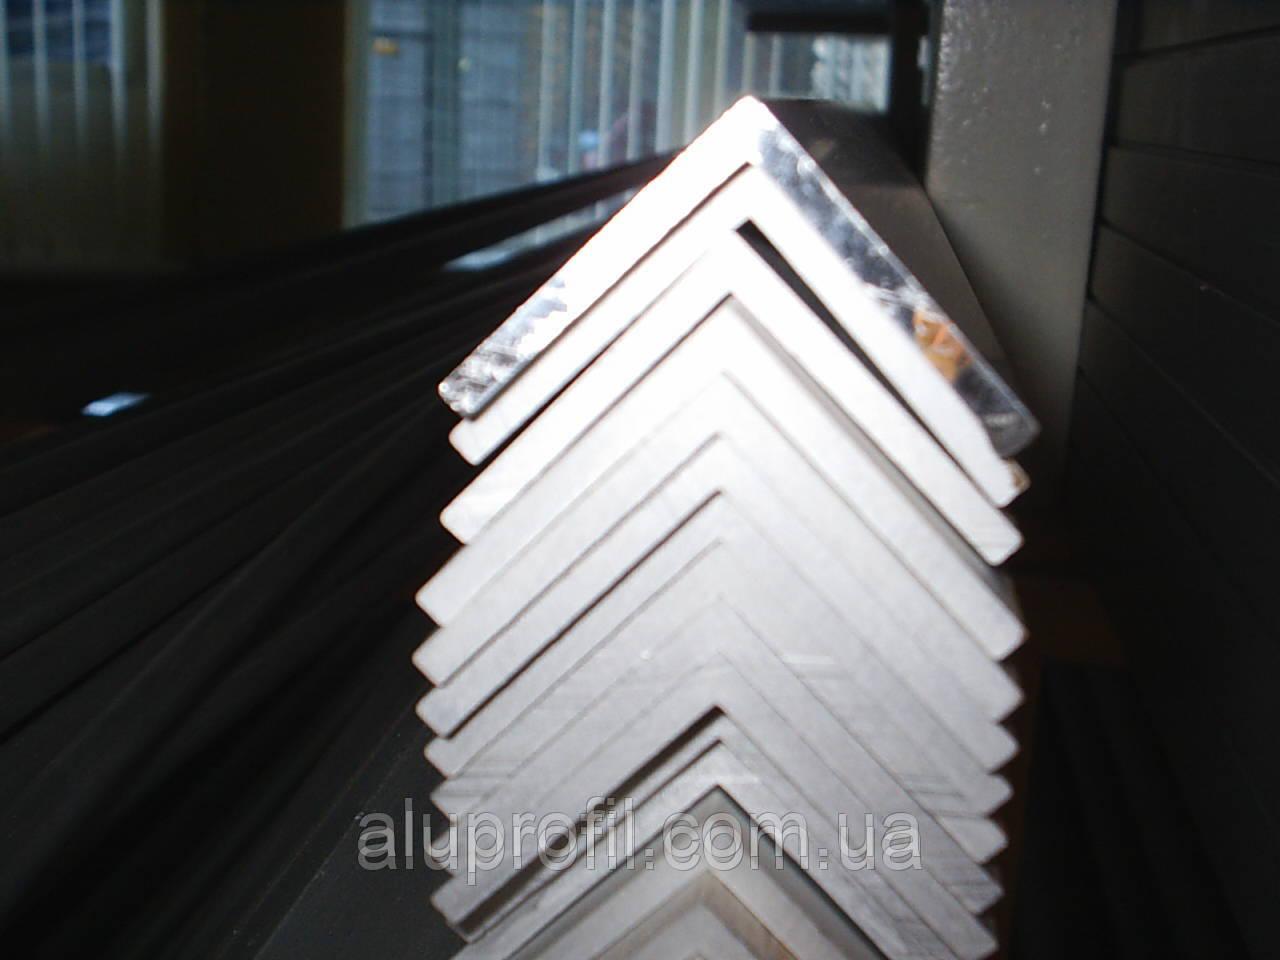 Алюминиевый профиль — уголок  размером 50х50х2